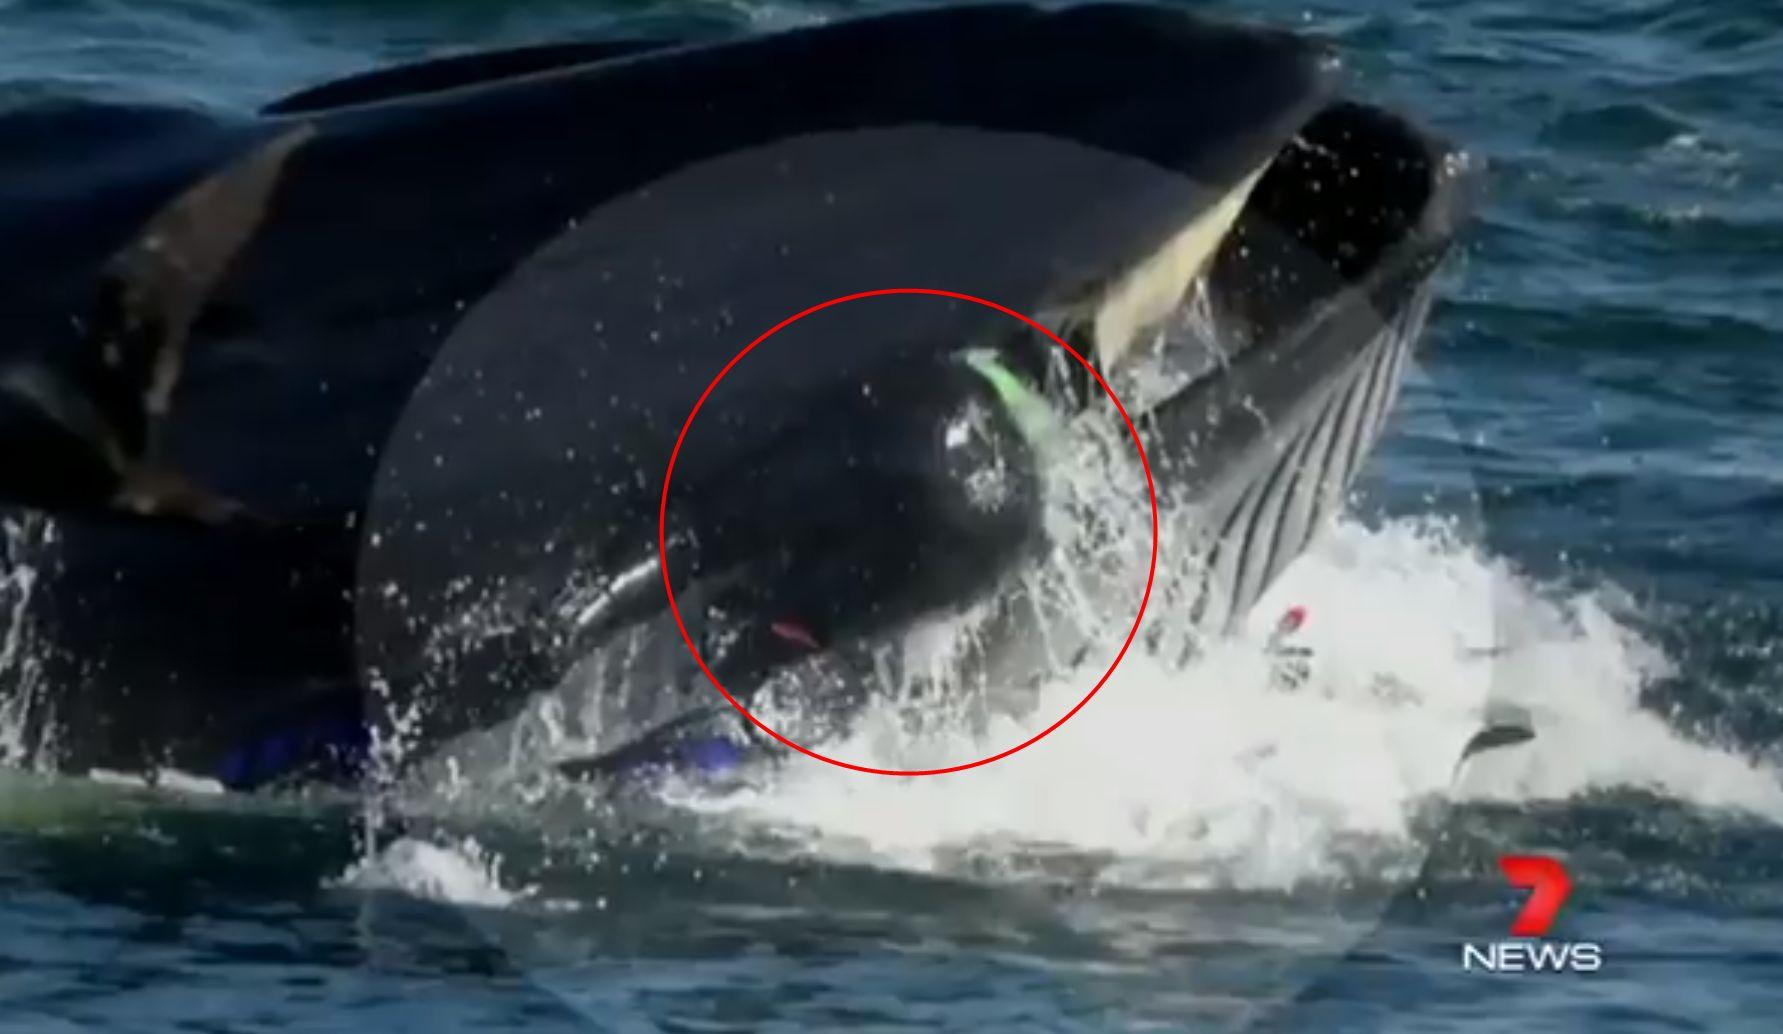 거대한 고래에게 삼켜진 잠수부가 무사히 돌아올 수 있었던